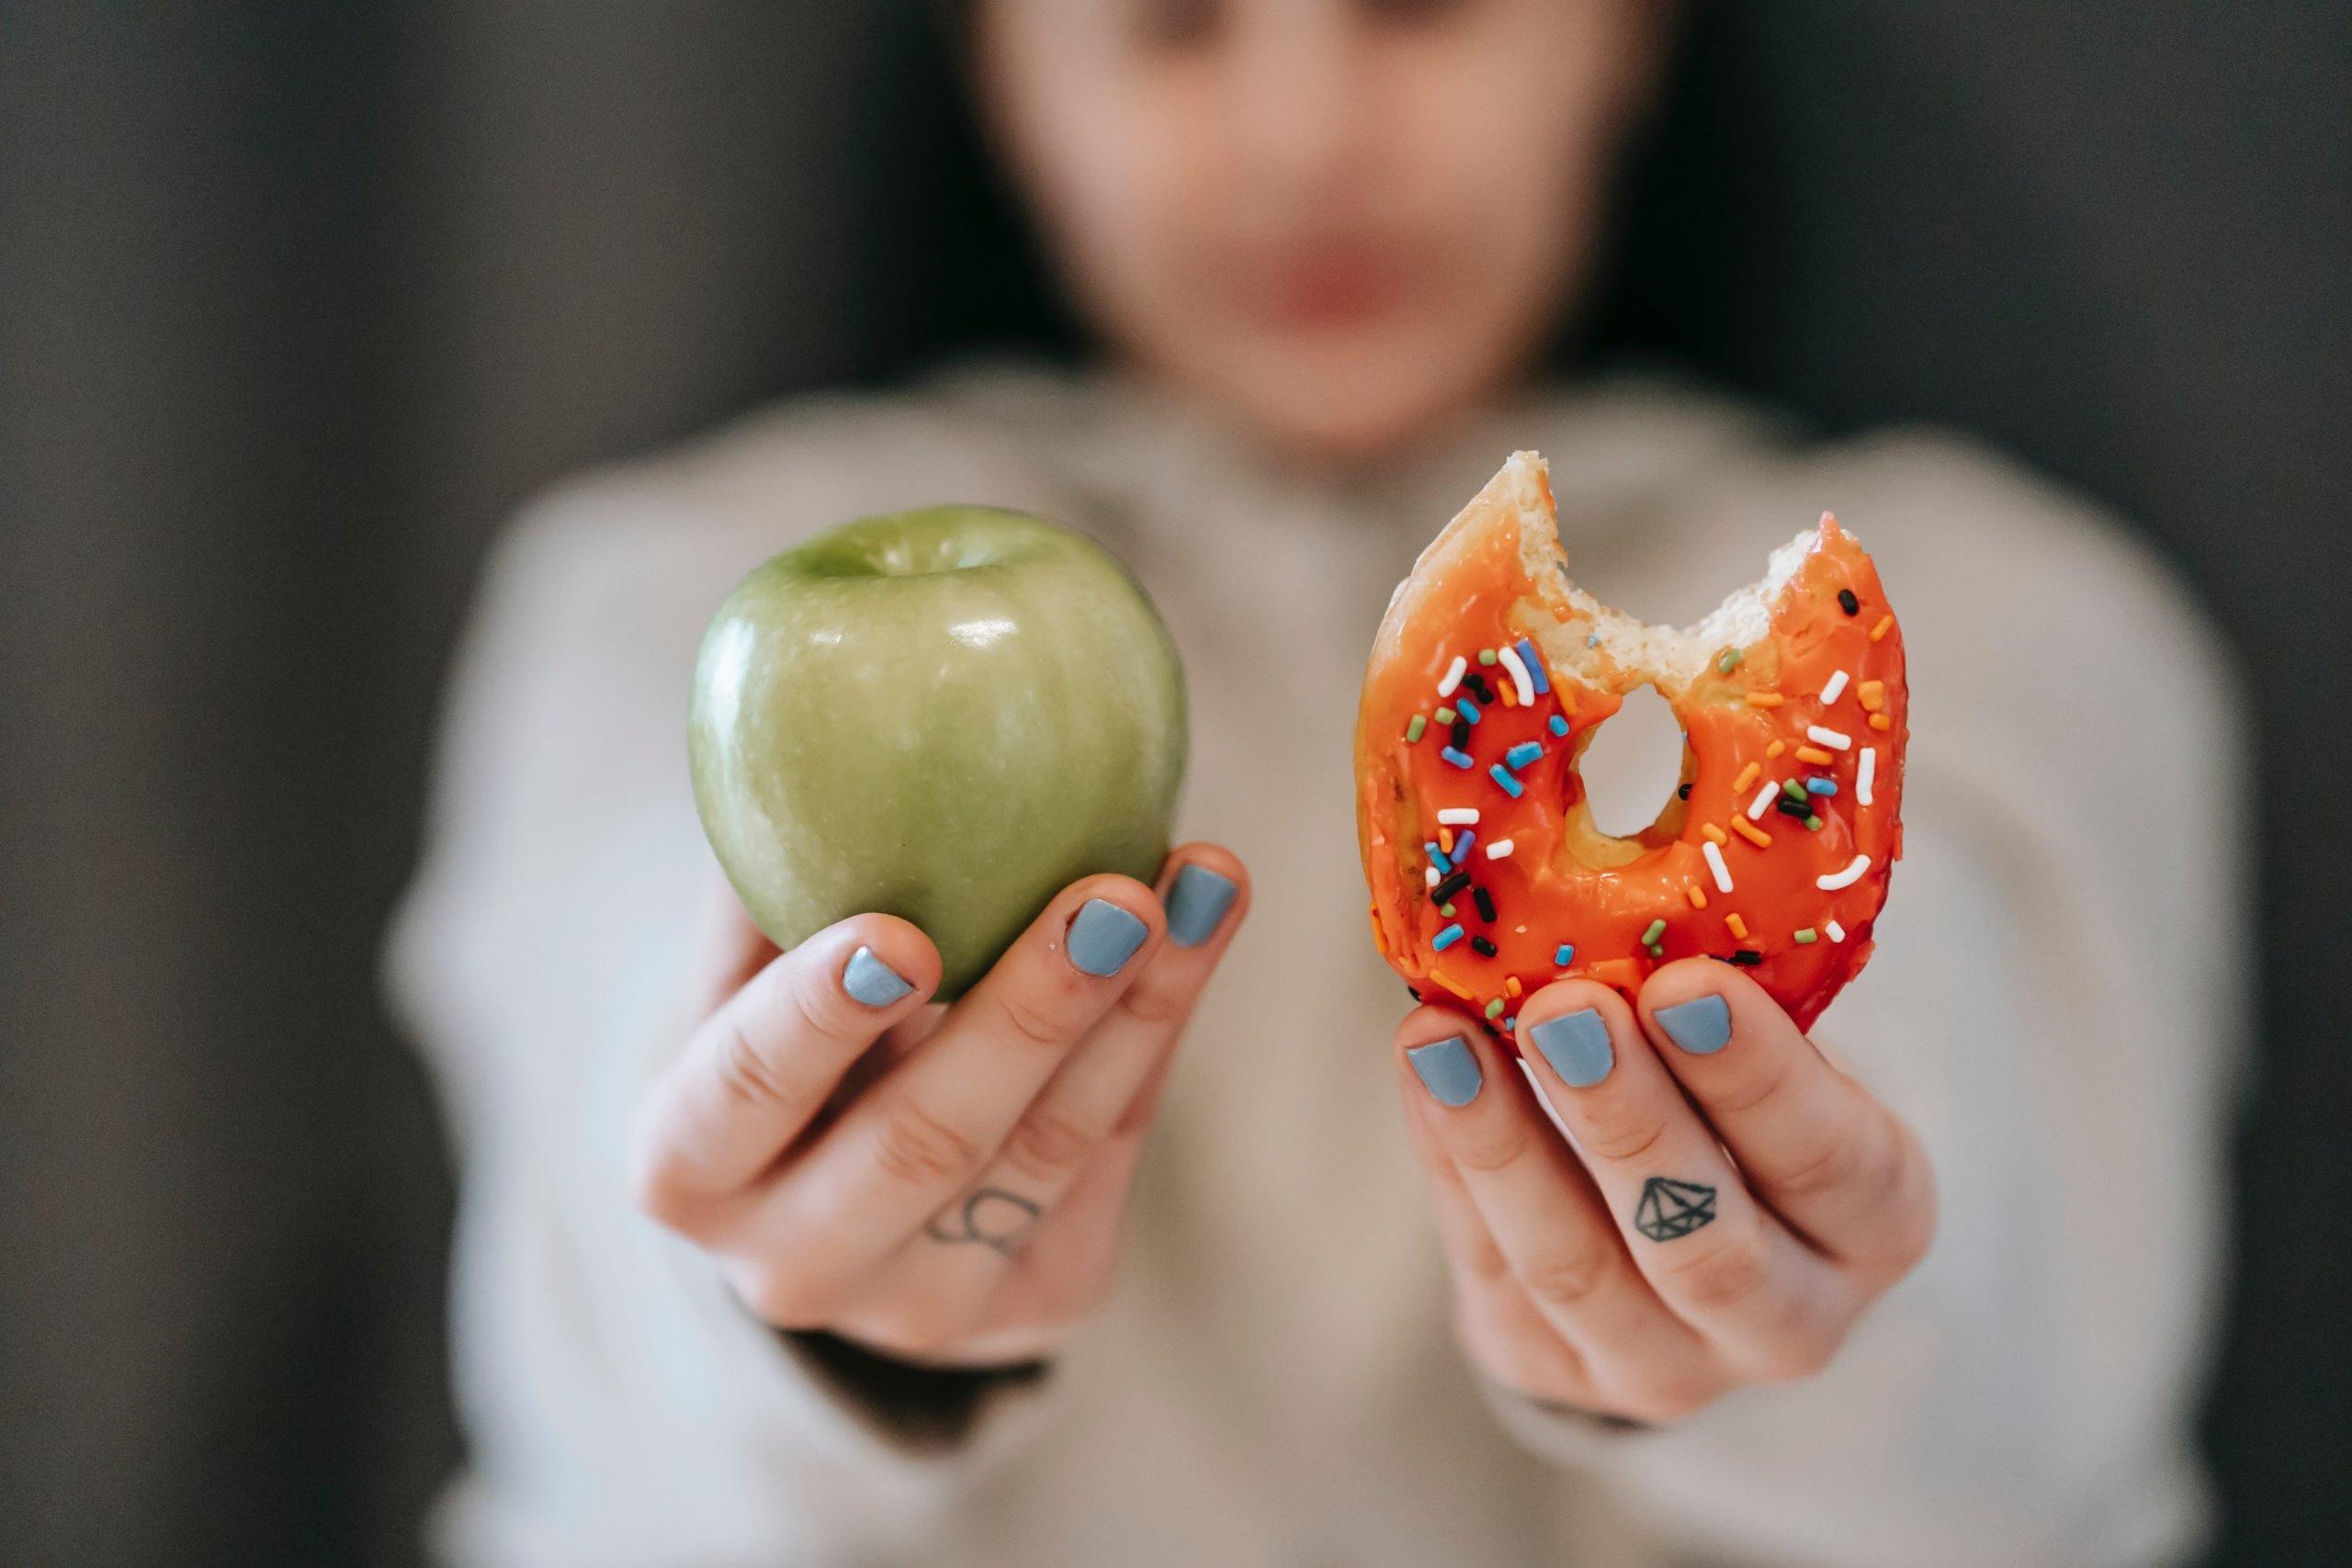 healthy vs unhealthy food 3 simple principles